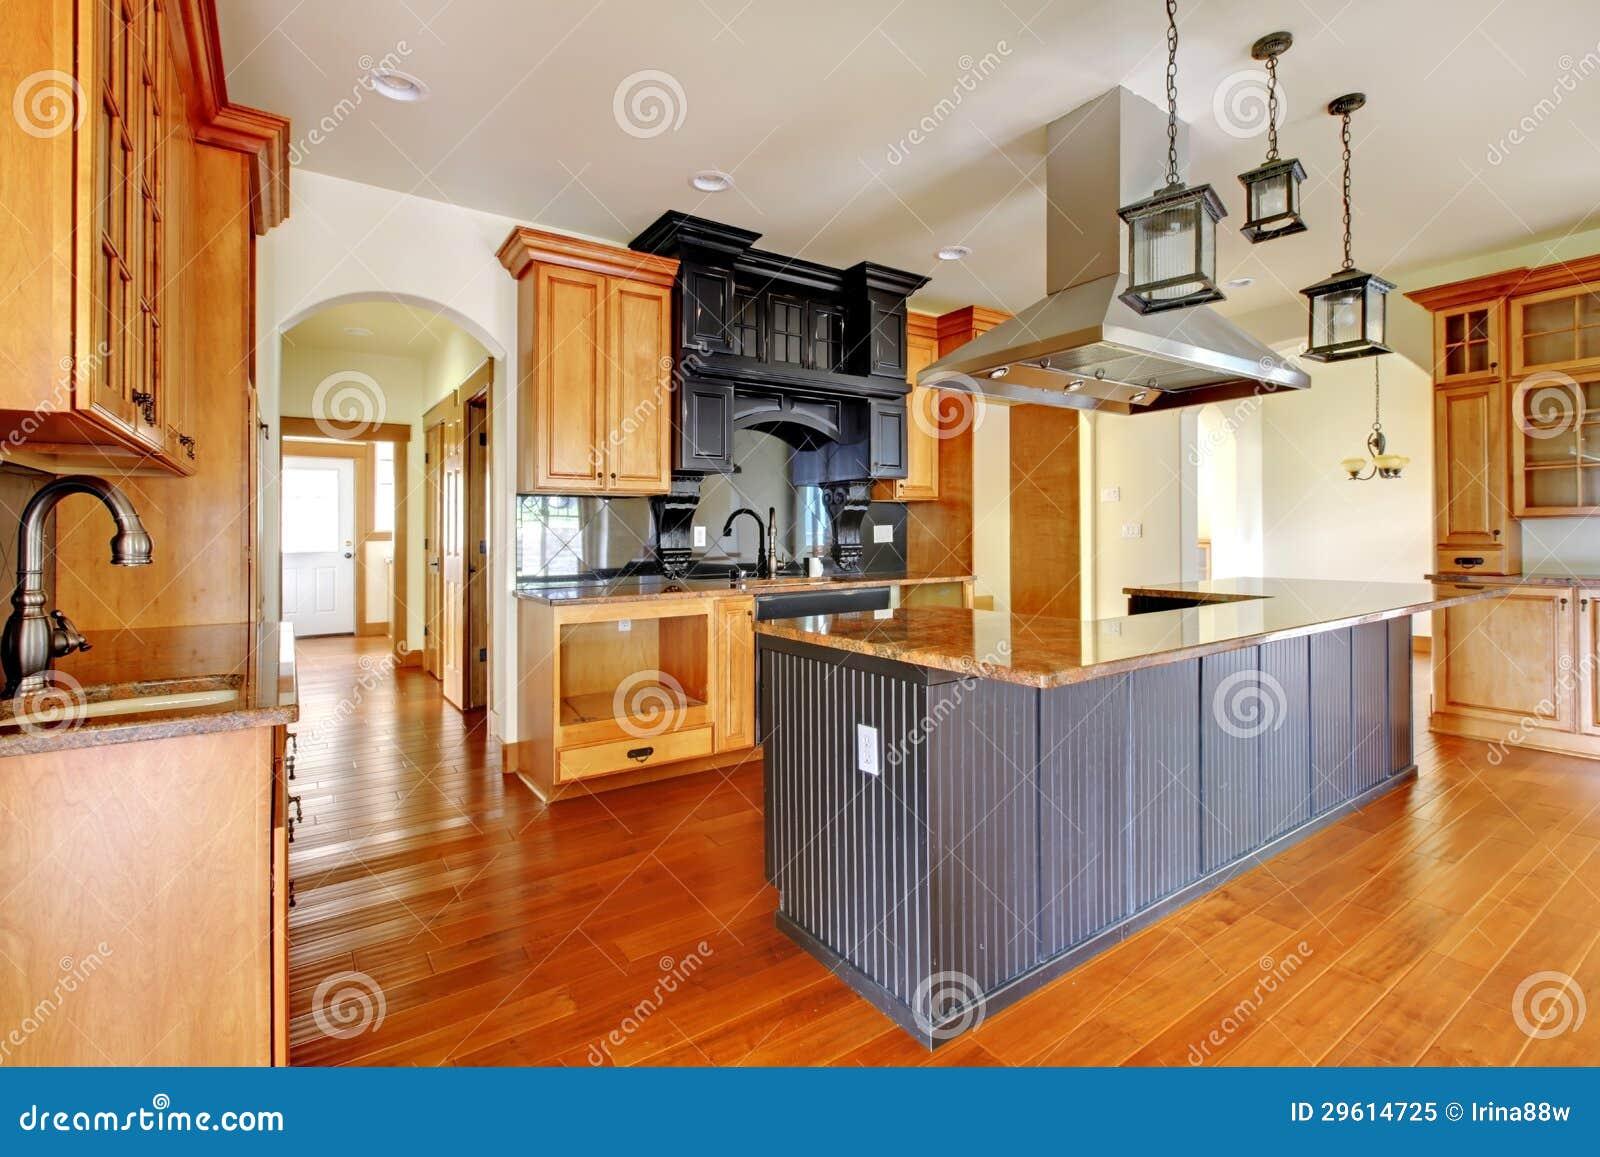 Nybyggnadlyxhemmiljö. Kök med härligt specificerar.